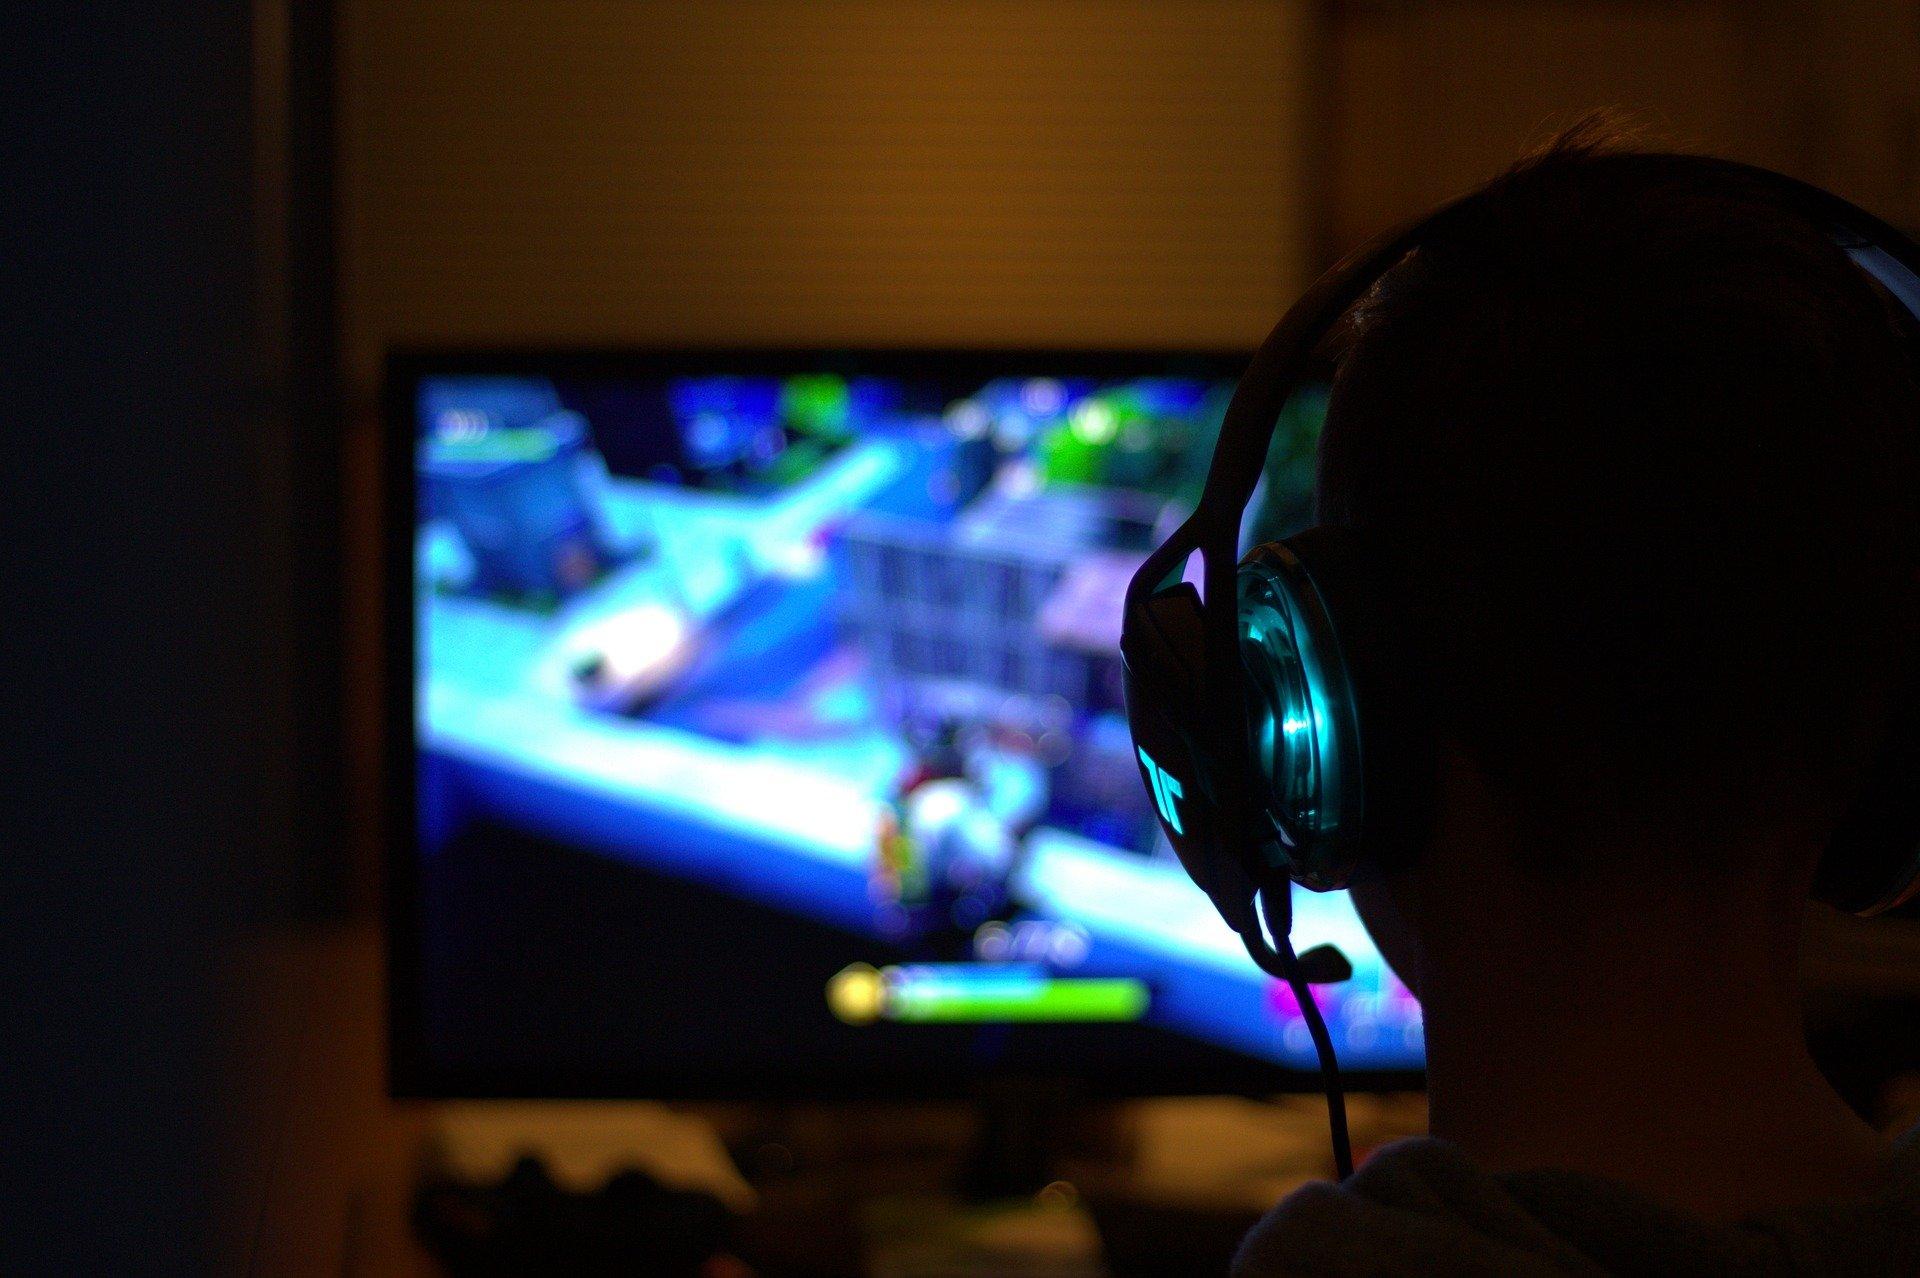 Quelles astuces pour jouer en ligne en toute sécurité ?